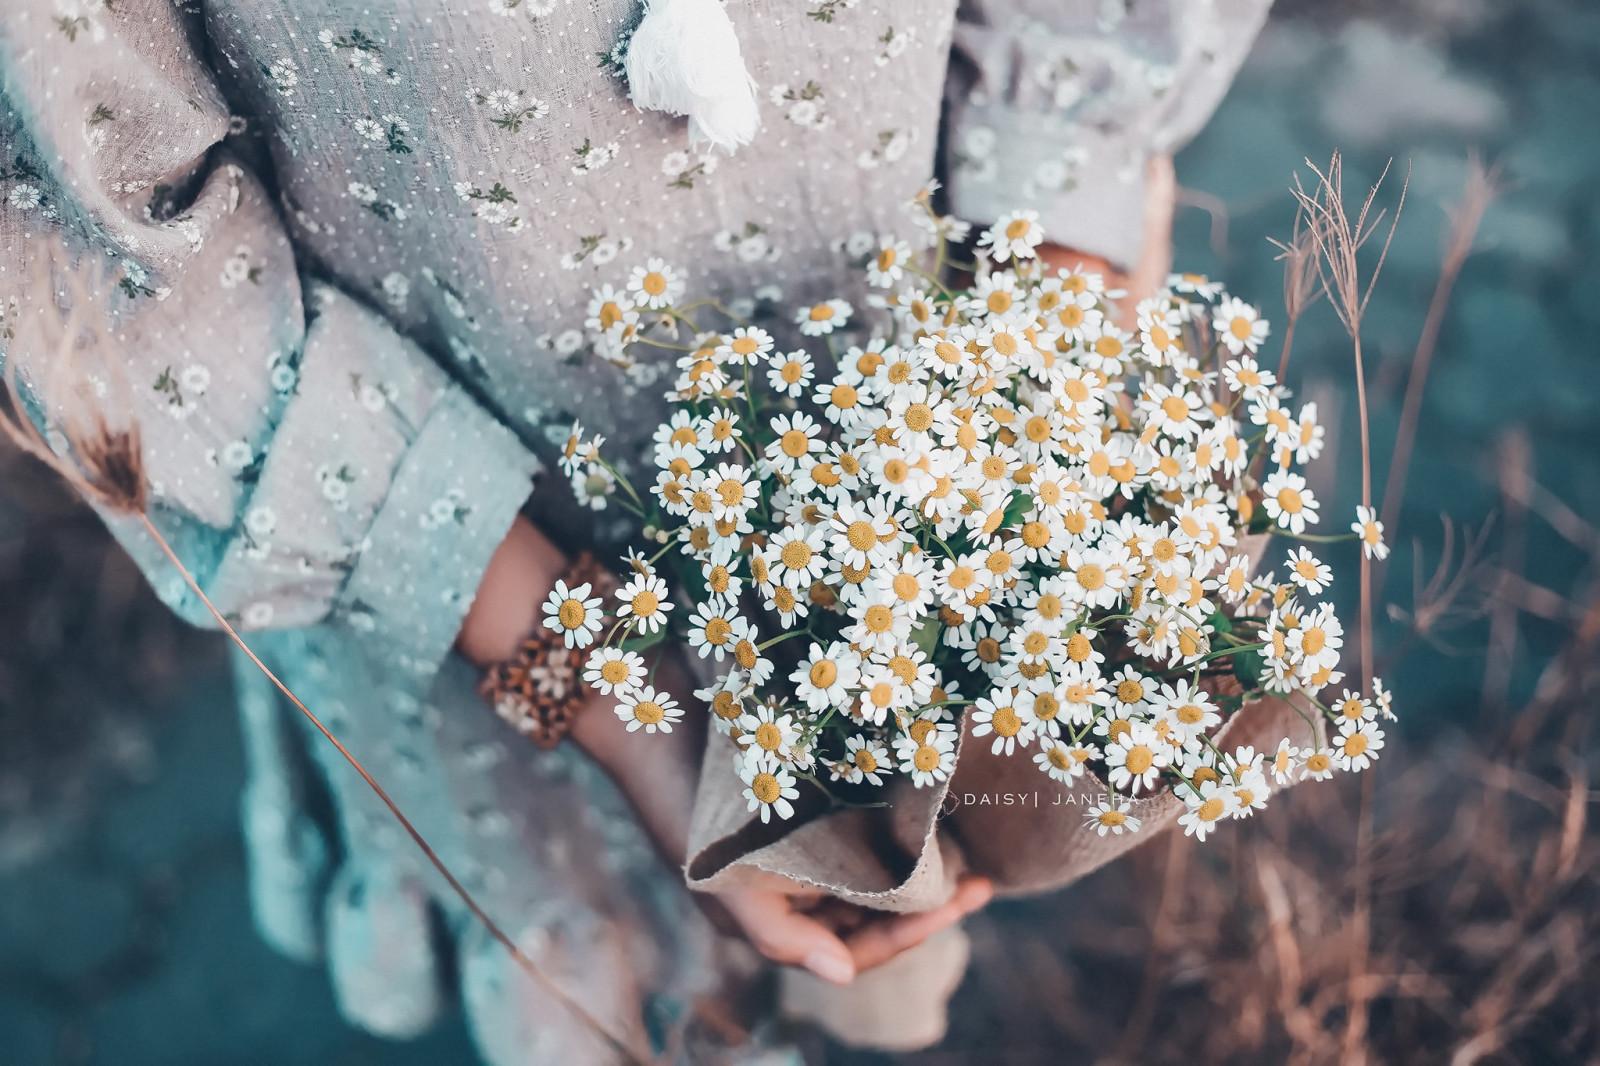 Ромашки букет полевых цветов в руками, популярный